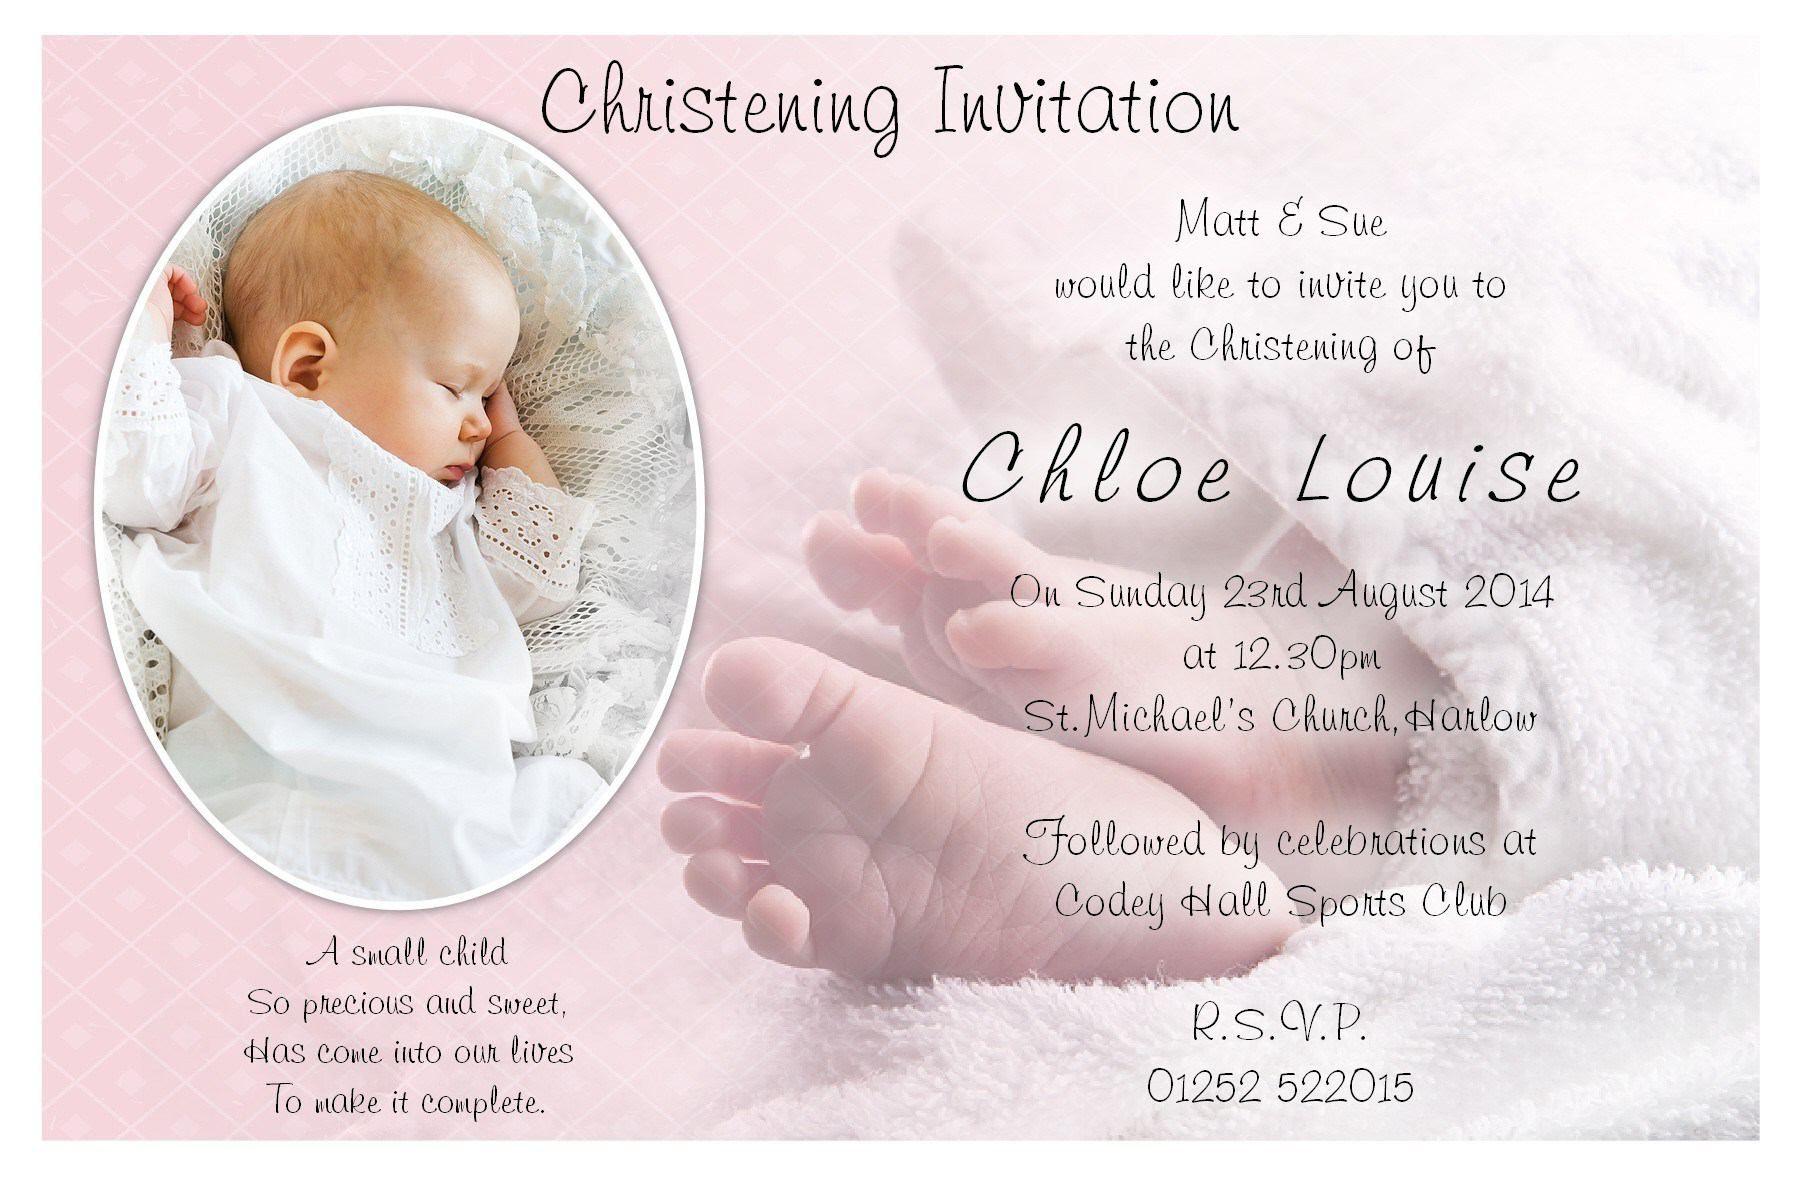 baptism invitation christening invitation card maker Superb – Free Online Invitation Card Maker